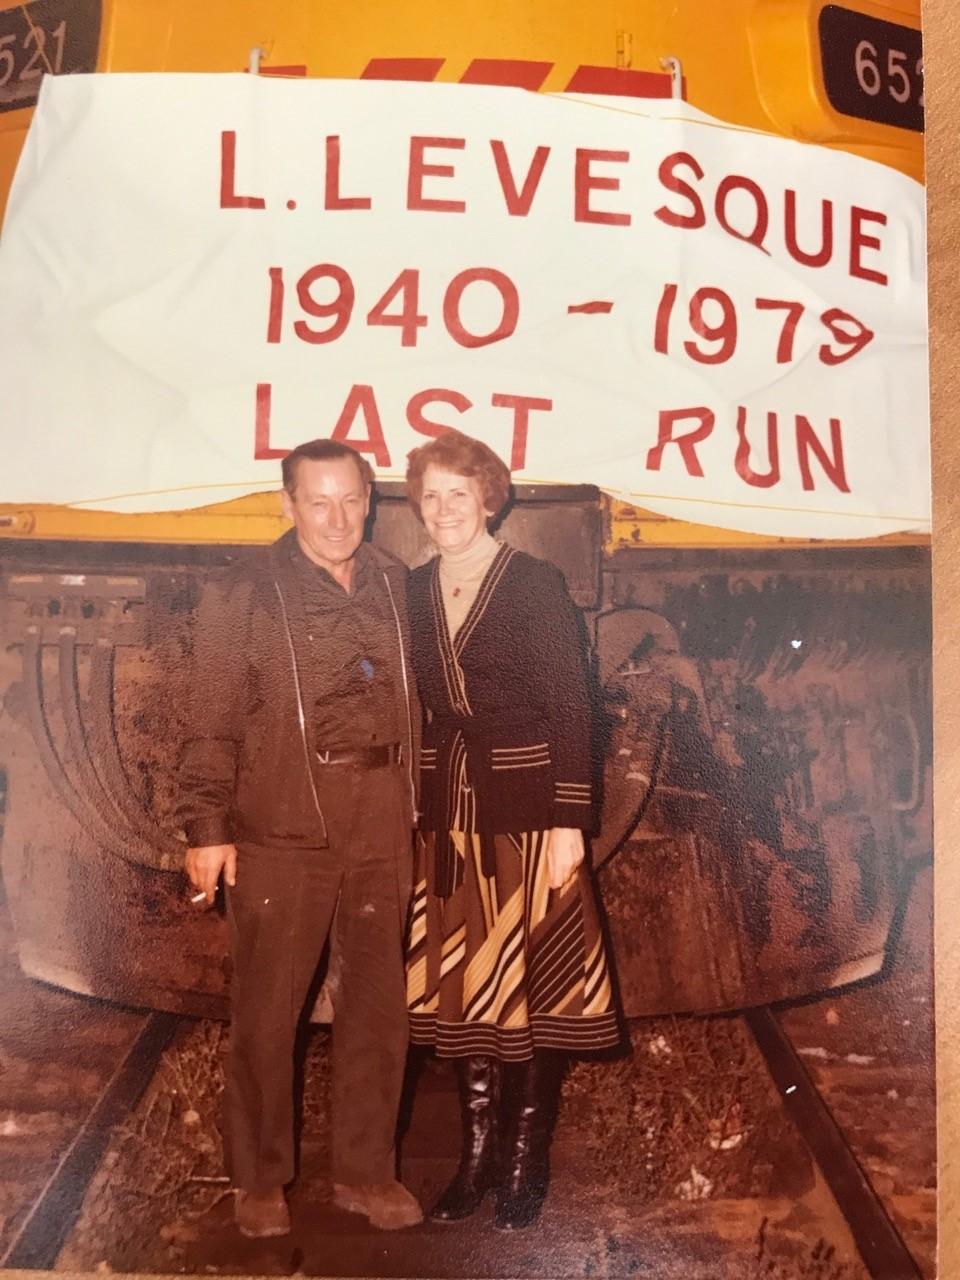 Une tradition au CN. La banderole qui marquait en 1979, le dernier voyage de feu Laurier Levesque, conducteur de locomotive. Il est en compagnie de son épouse Hélène Fillion-Levesque.